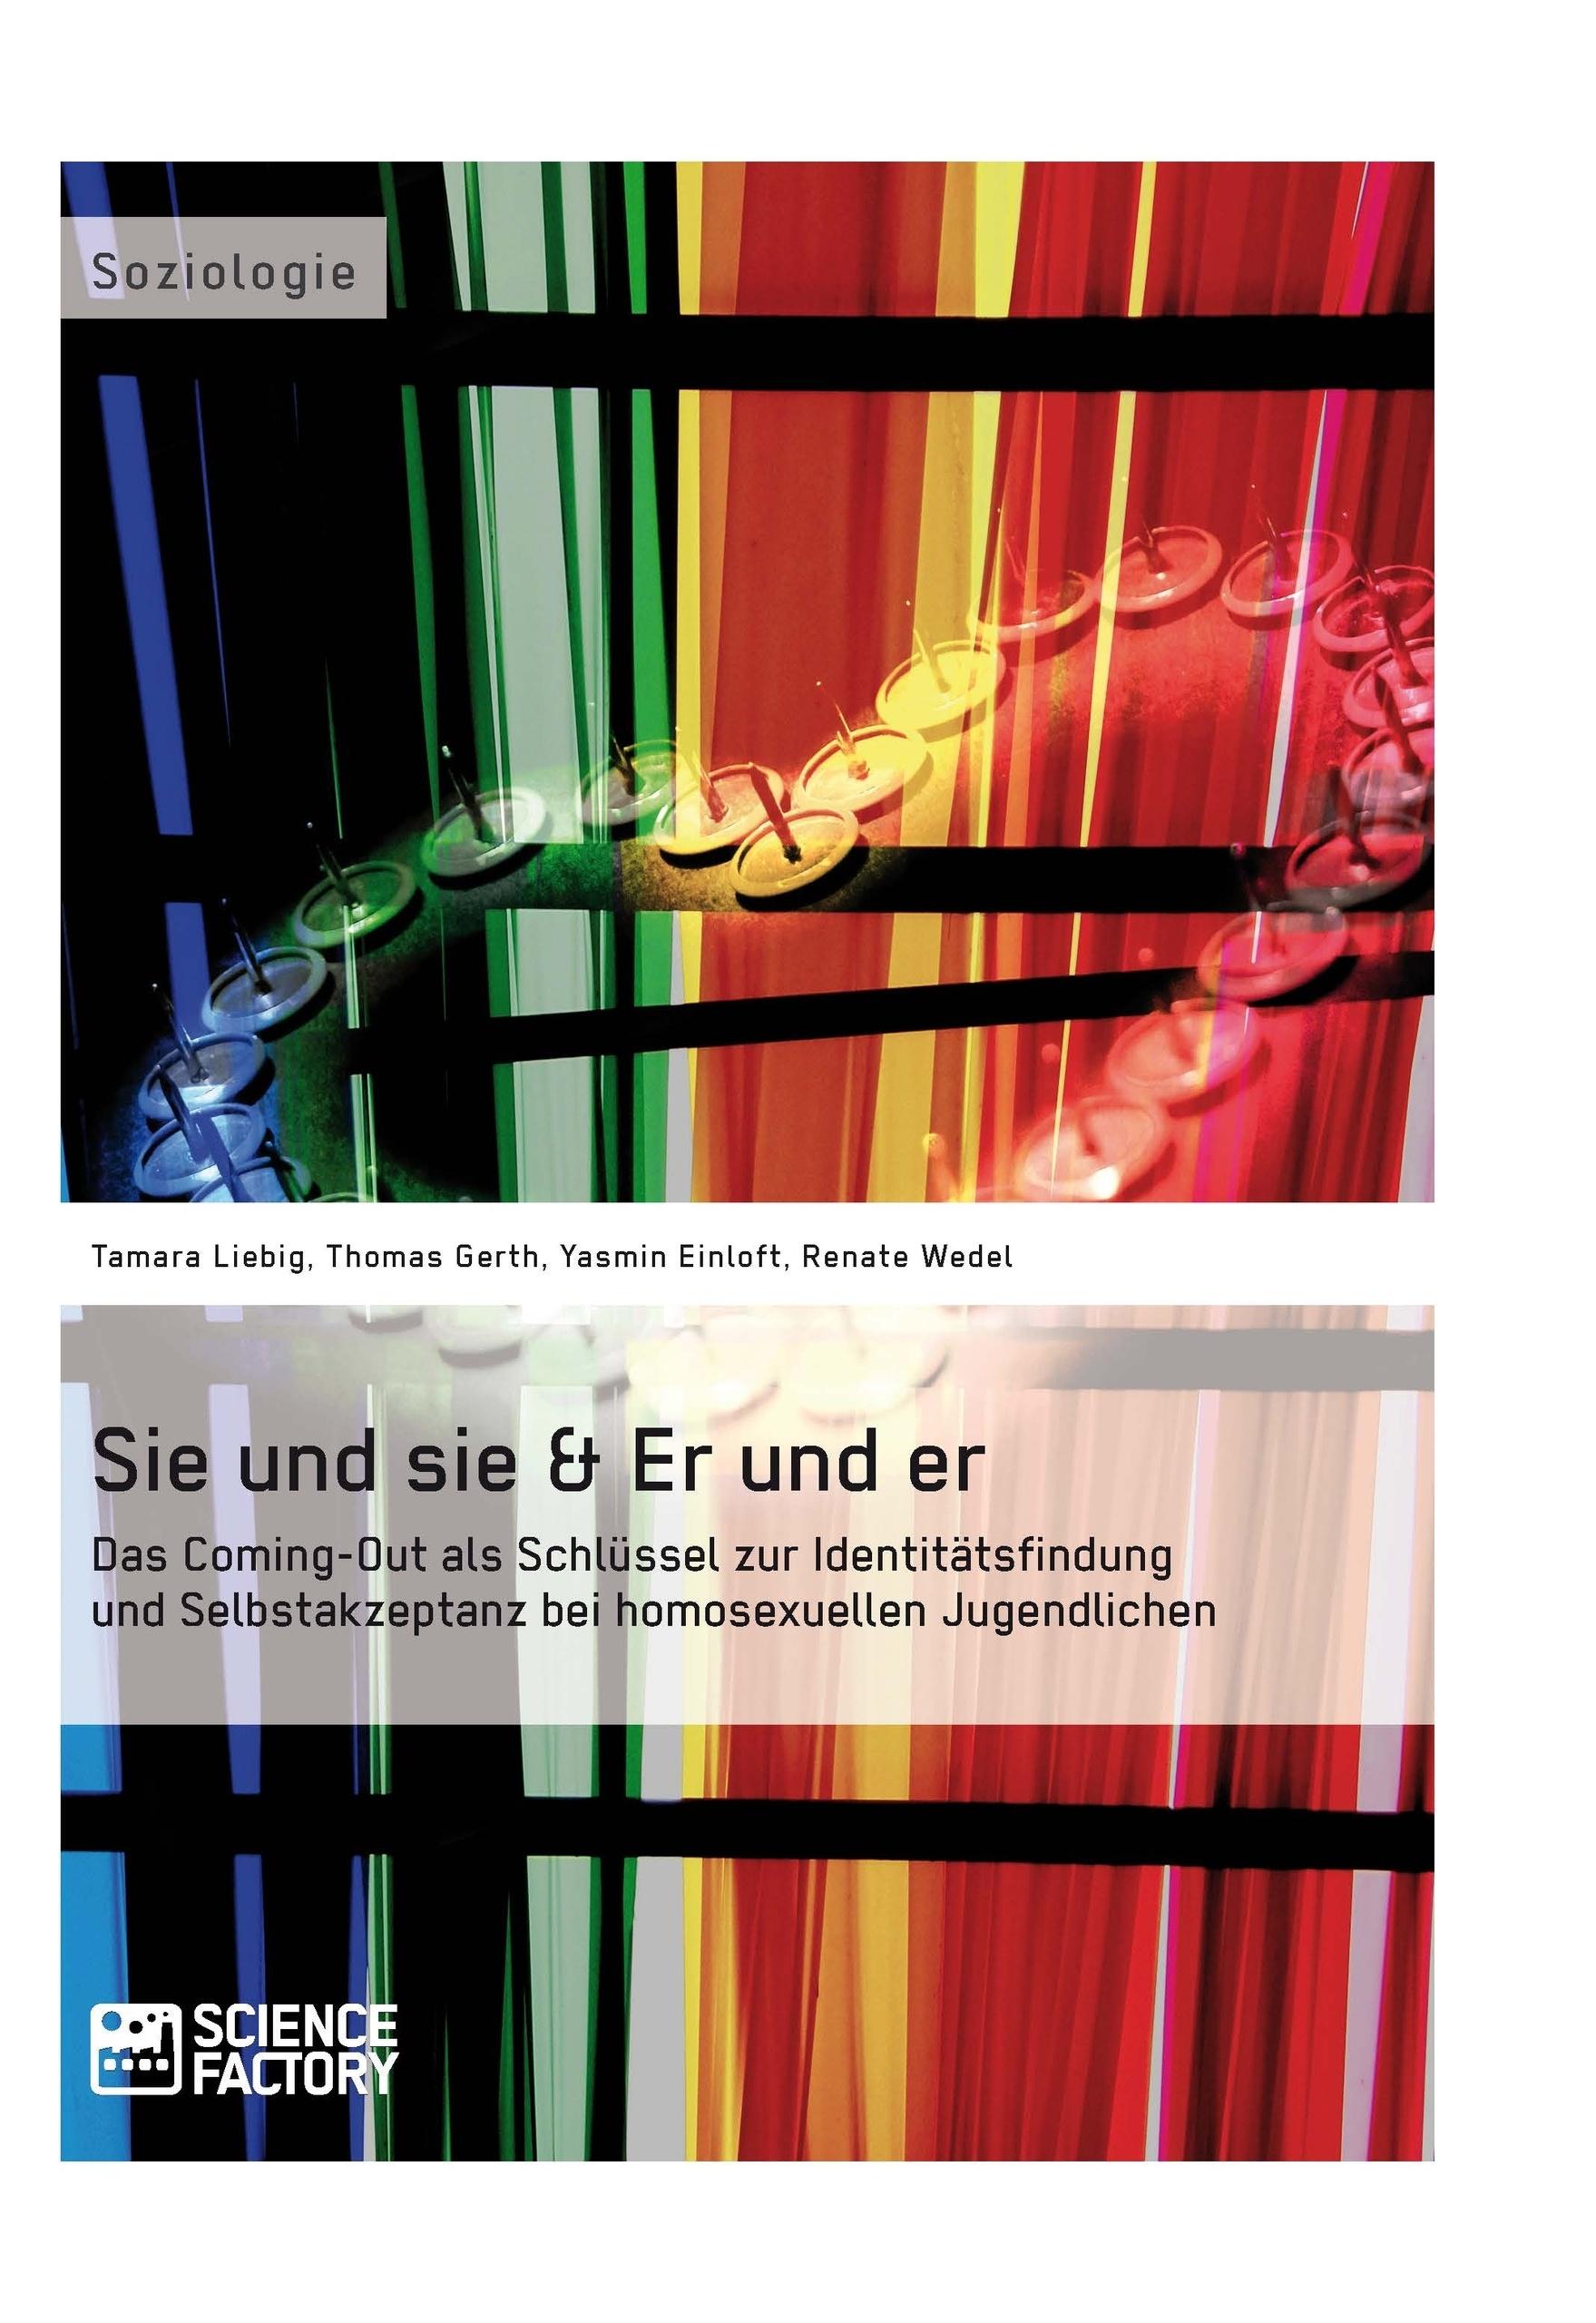 Titel: Sie und sie & Er und er. Das Coming-Out als Schlüssel zur Identitätsfindung und Selbstakzeptanz bei homosexuellen Jugendlichen